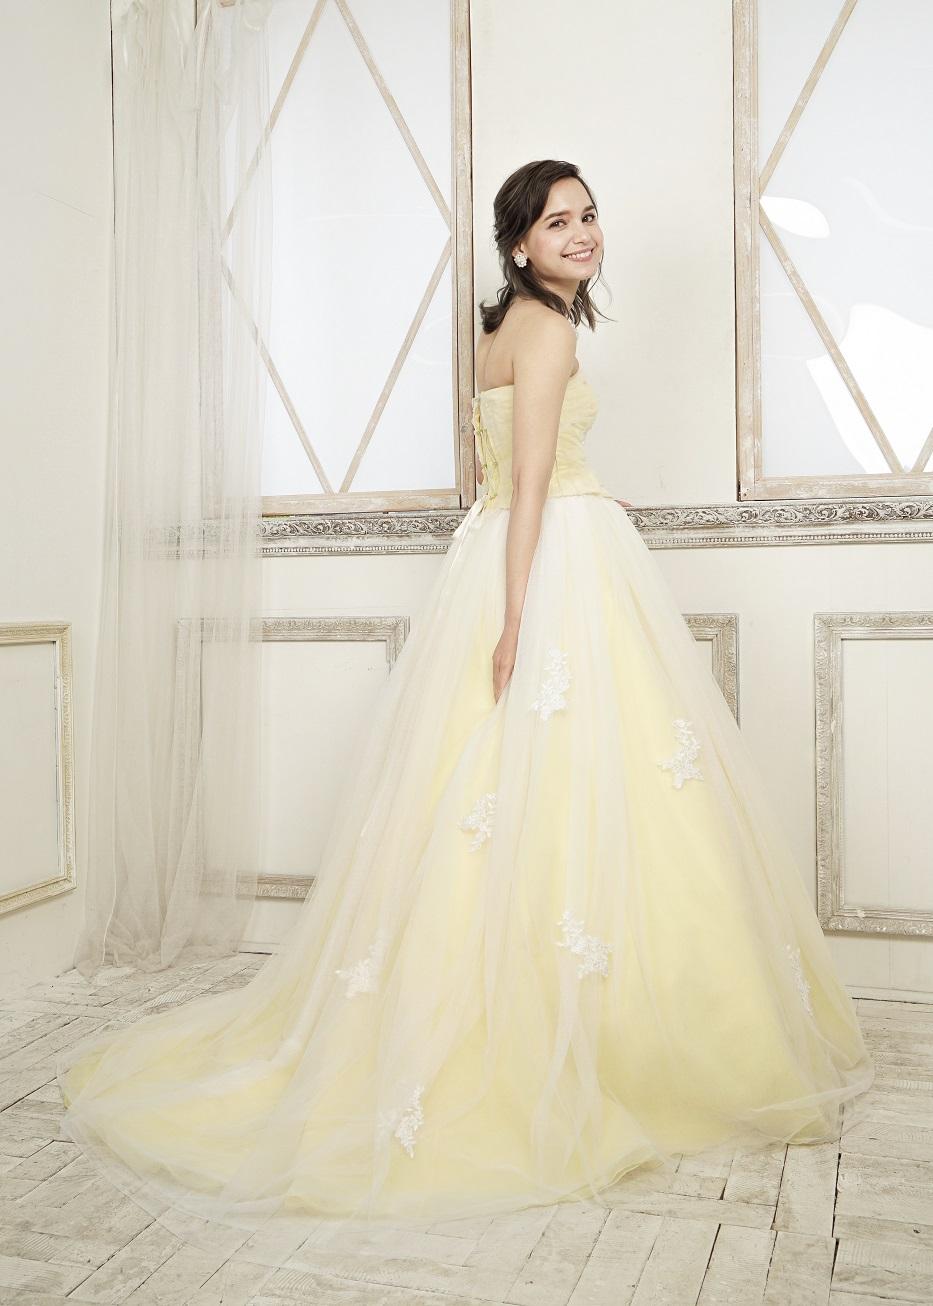 カラードレス 披露宴 1.5次会 2次会  かわいい シンプル カジュアル イエロー 黄色